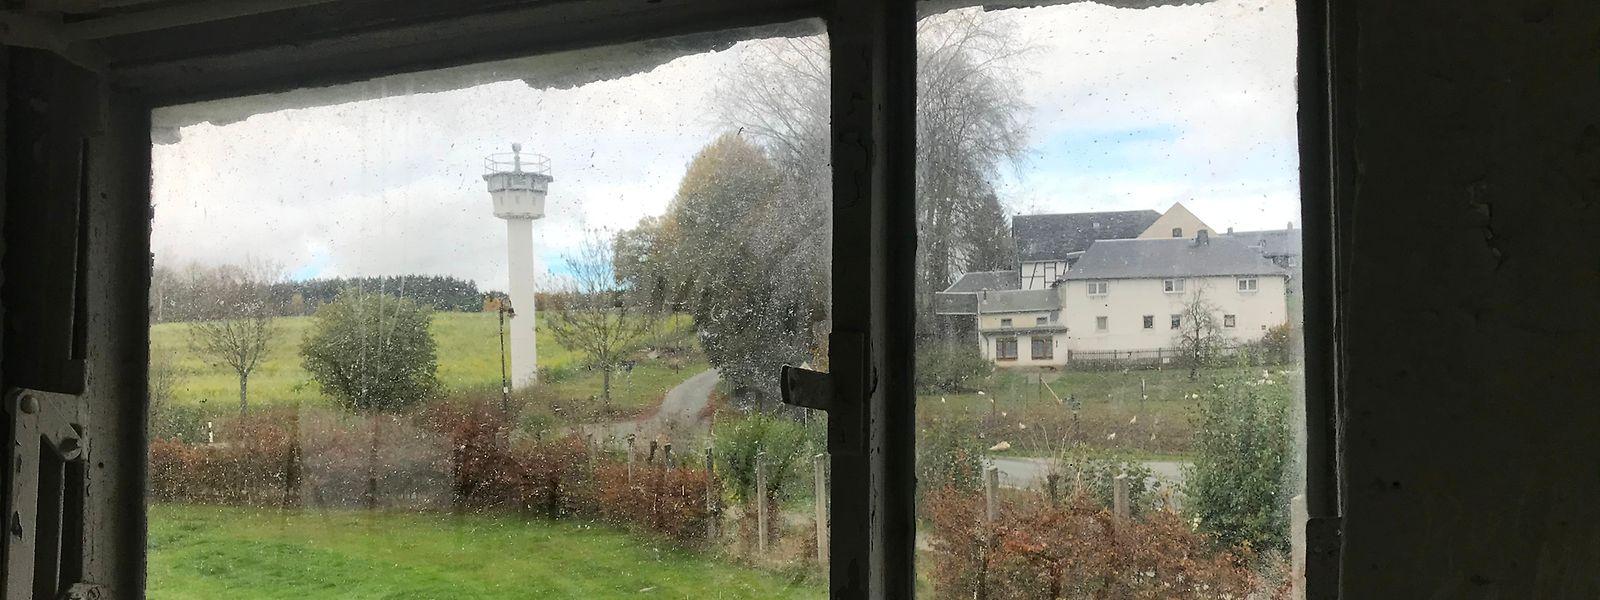 Als wäre die Zeit stehengeblieben: Blick aus dem Wachturm auf den Thüringer Dorfteil.